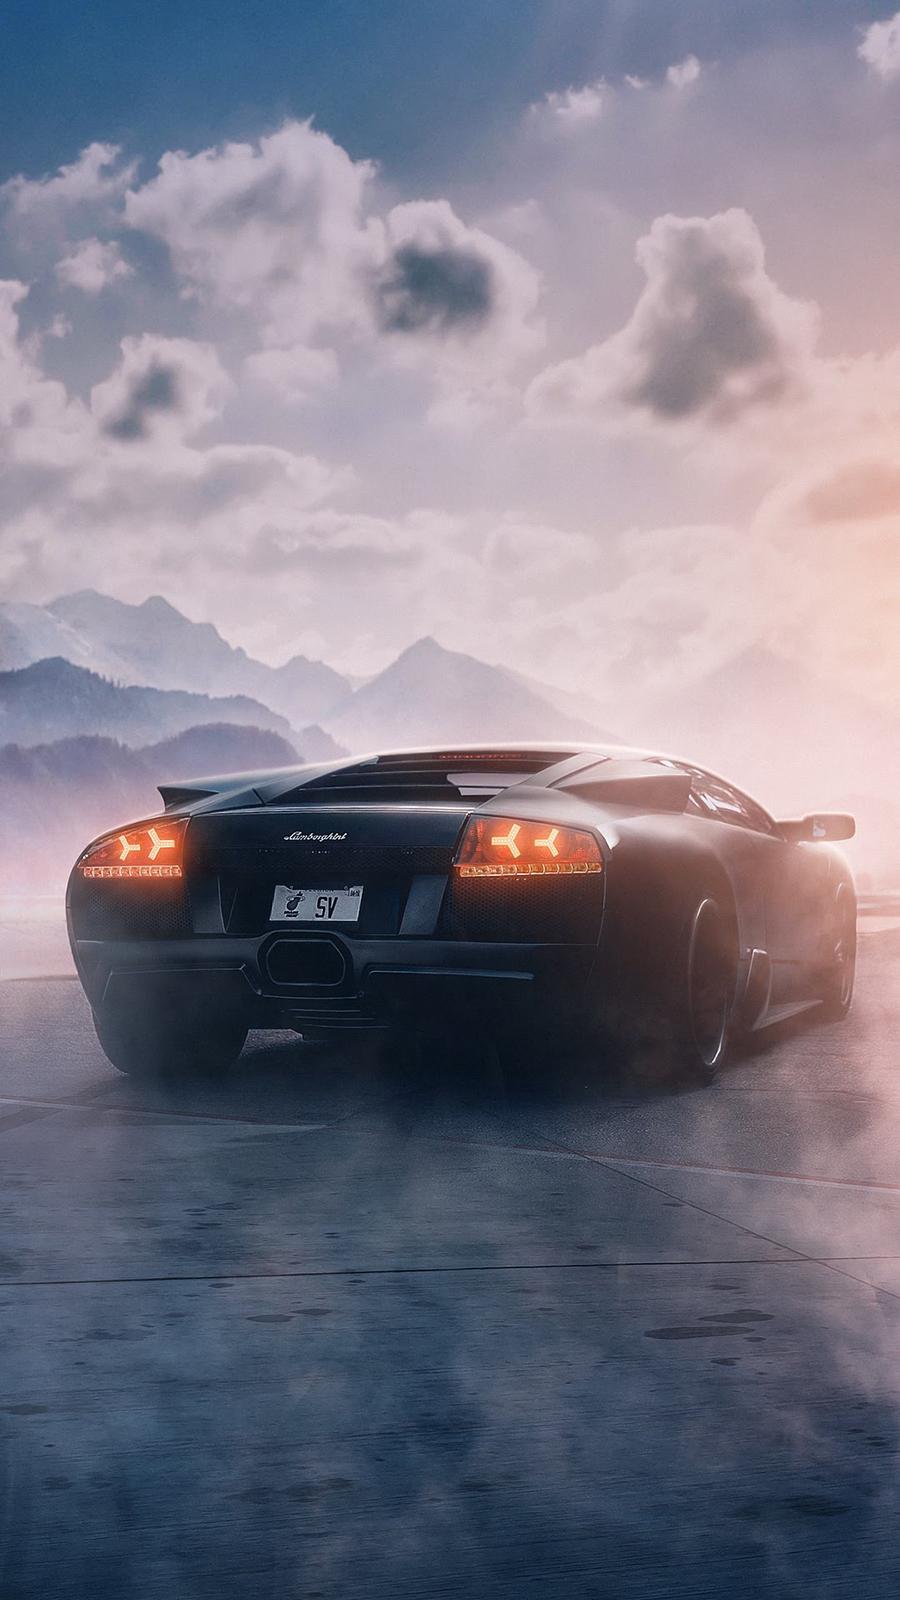 Lamborghini Wallpaper – Car HD Wallpapers Free Download